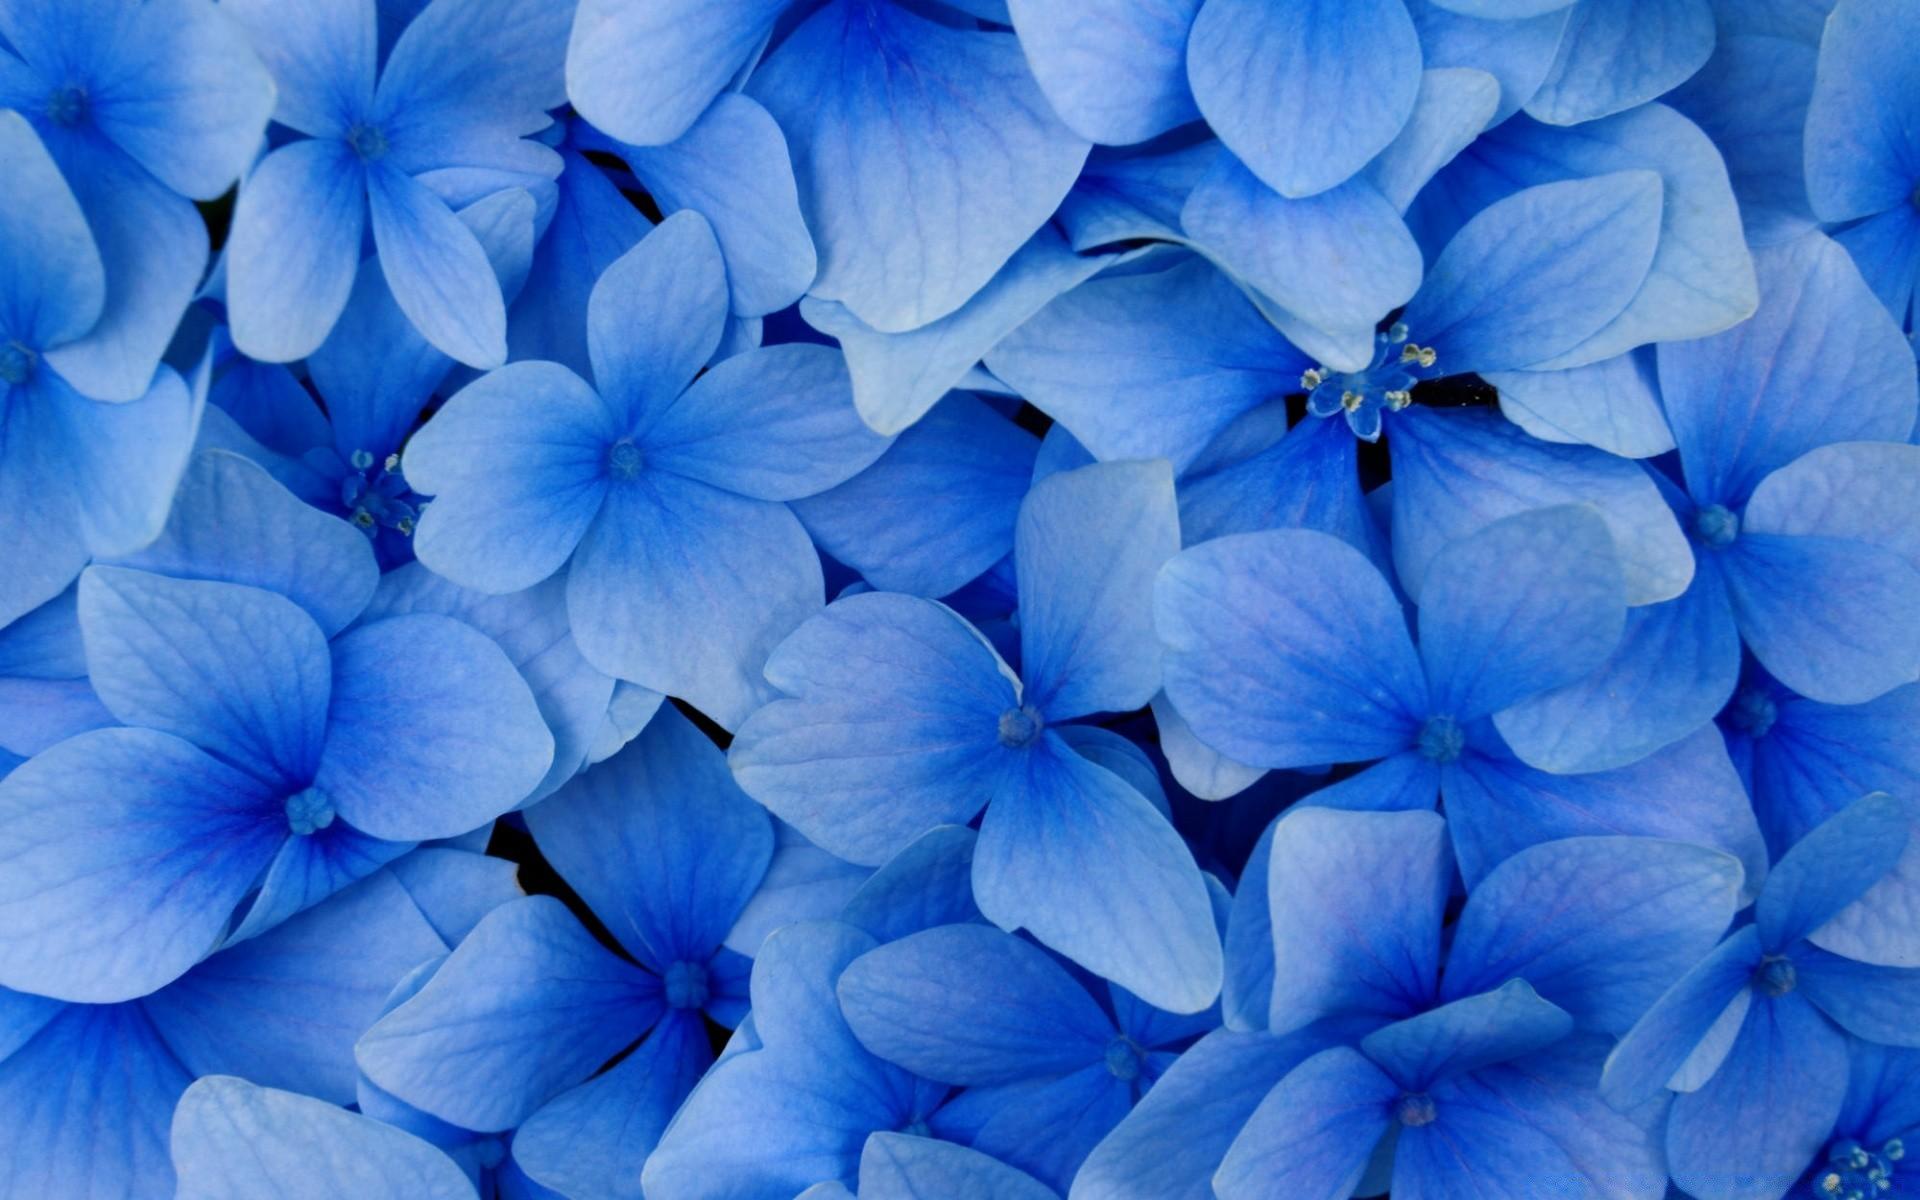 Самому, картинки синего цвета на телефон